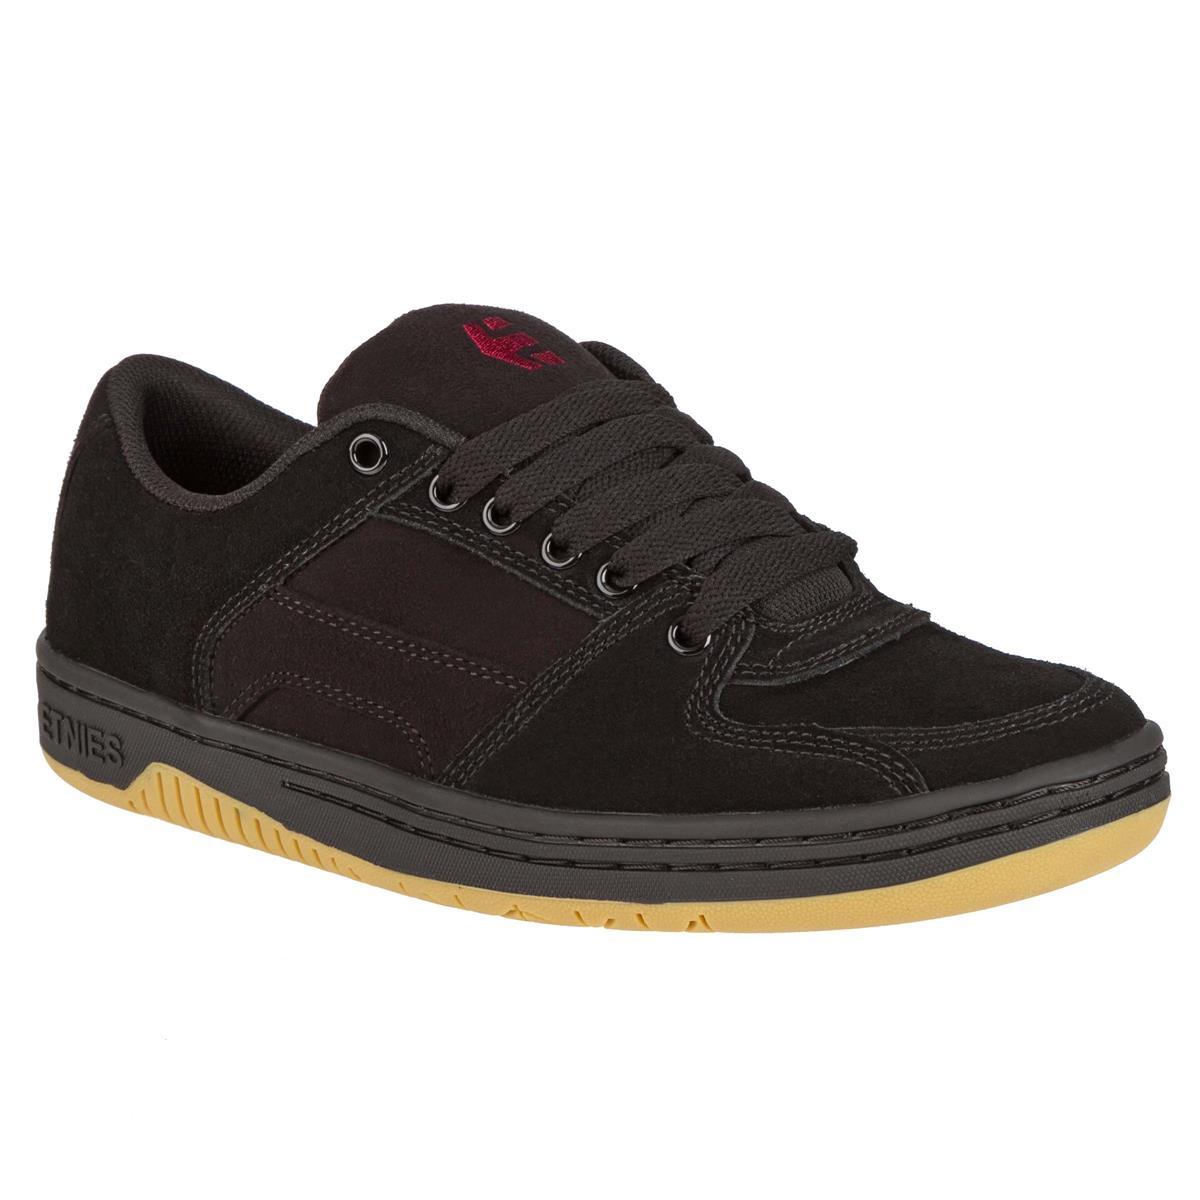 Etnies Schuhe Senix Lo Schwarz/Gum